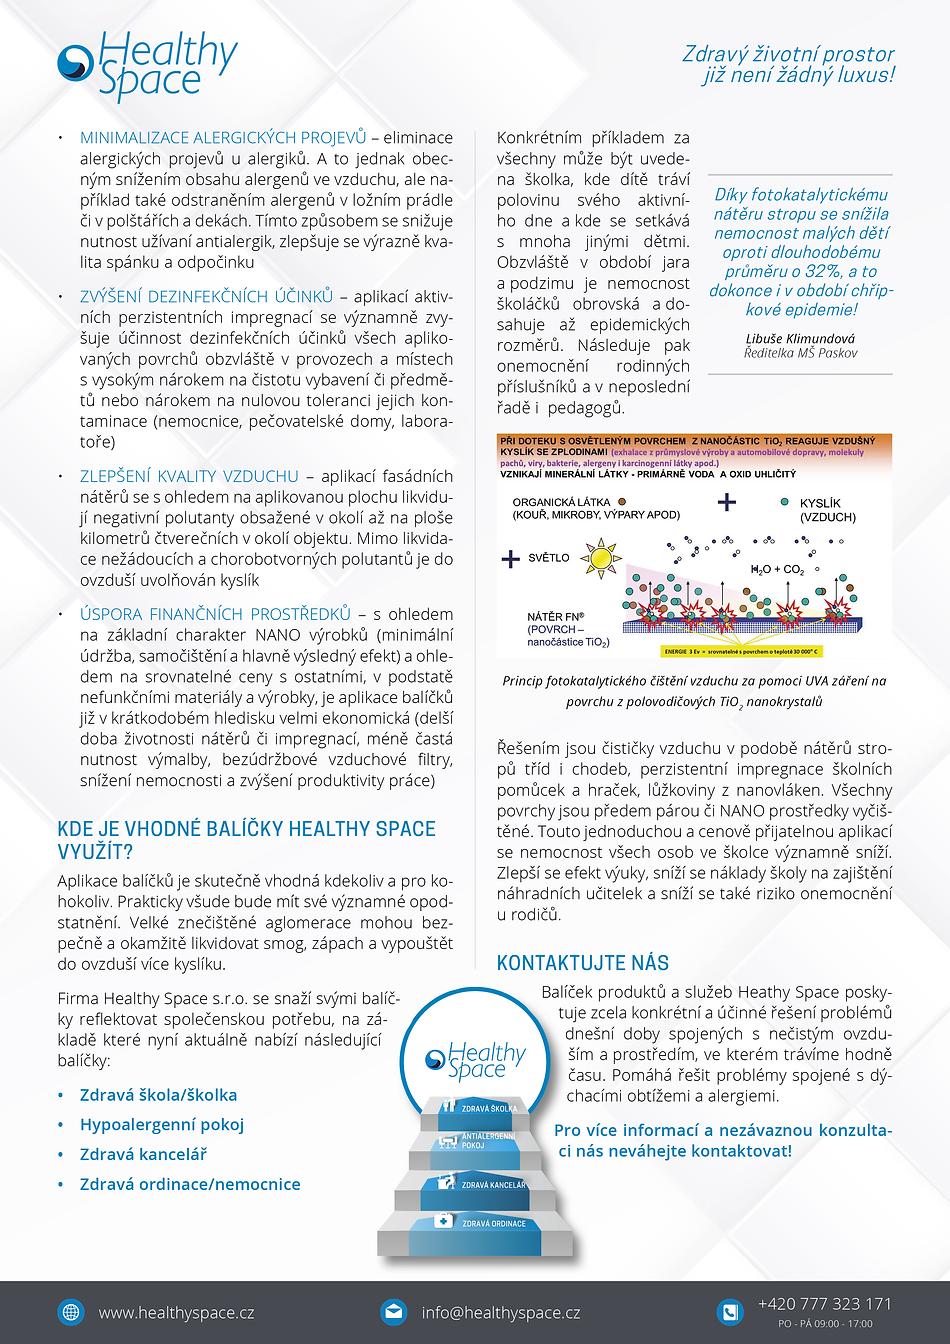 Infosheet-Healthy Space CZ4.png